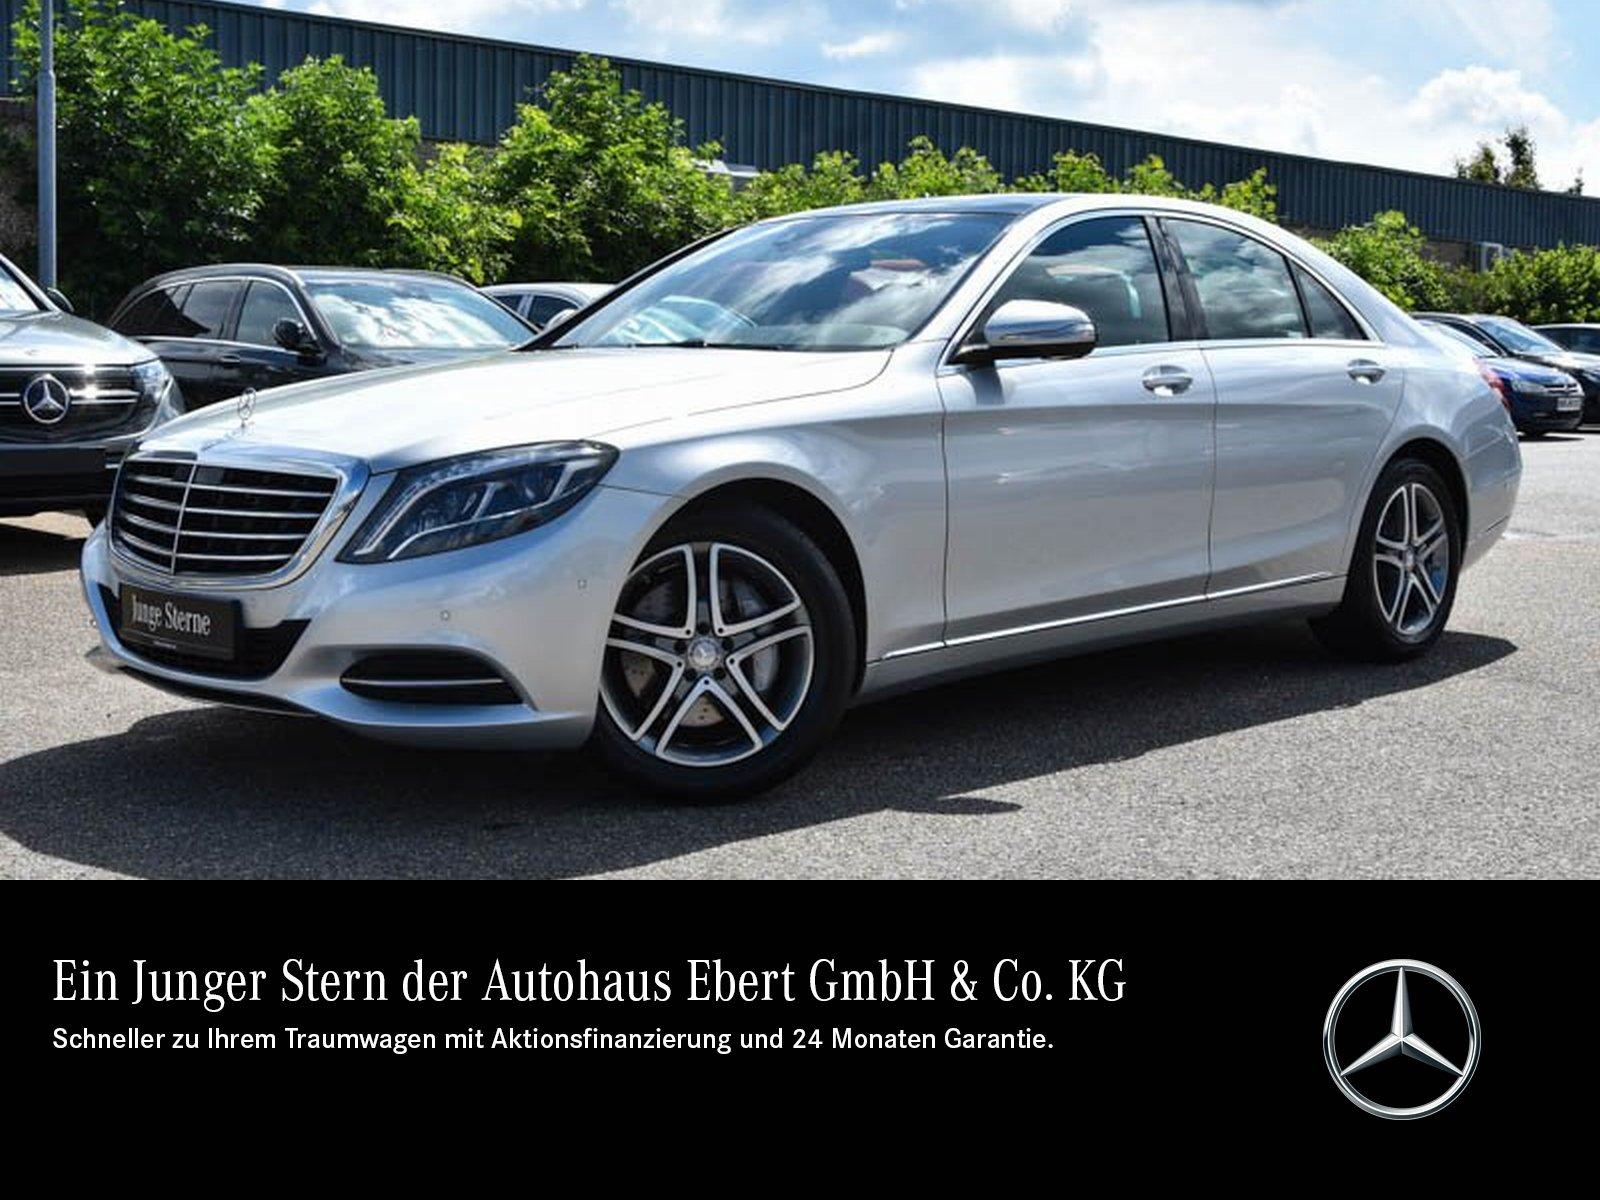 Mercedes-Benz S 350 d 9G+PSD+360°+COMAND+LED+SITZKLIMA+EU6, Jahr 2016, Diesel